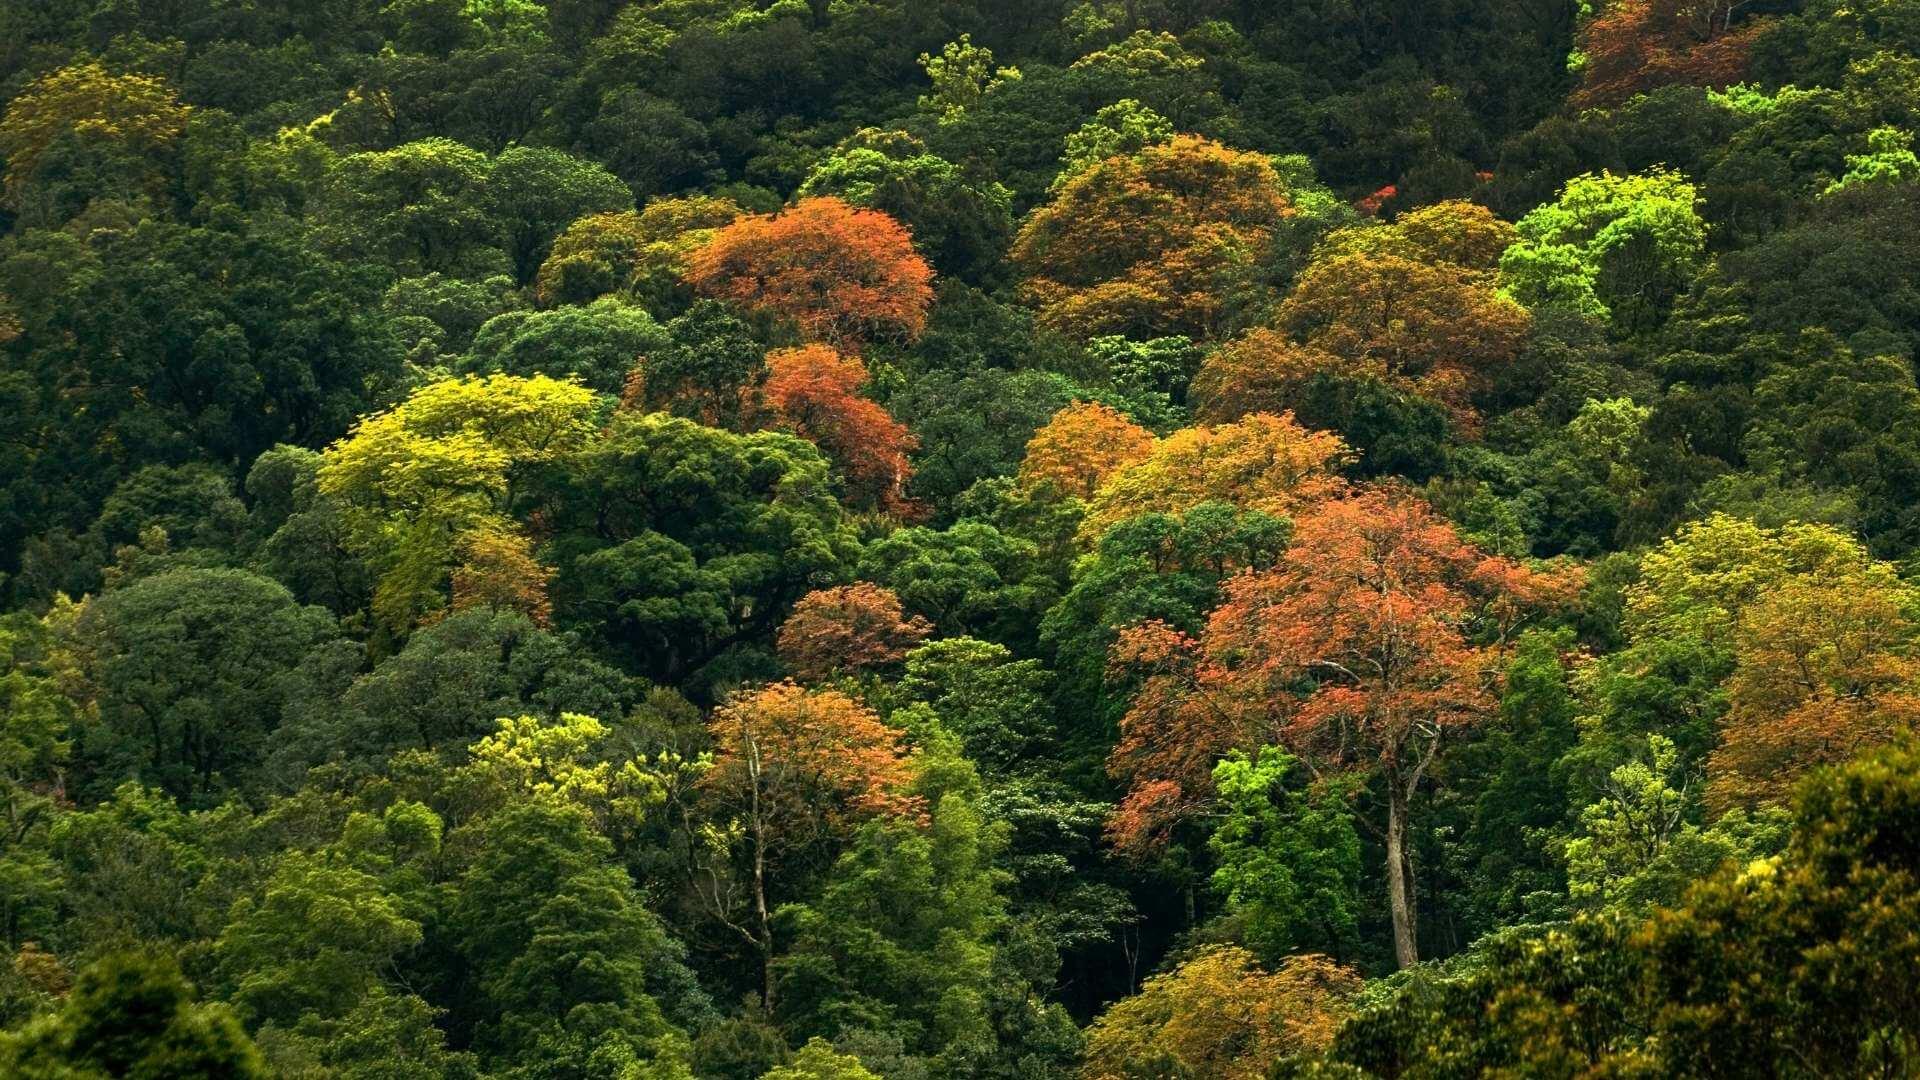 Ca să nu ajungem în pom, să avem grijă de pădure. 25 martie, Ziua Națională a Pădurilor